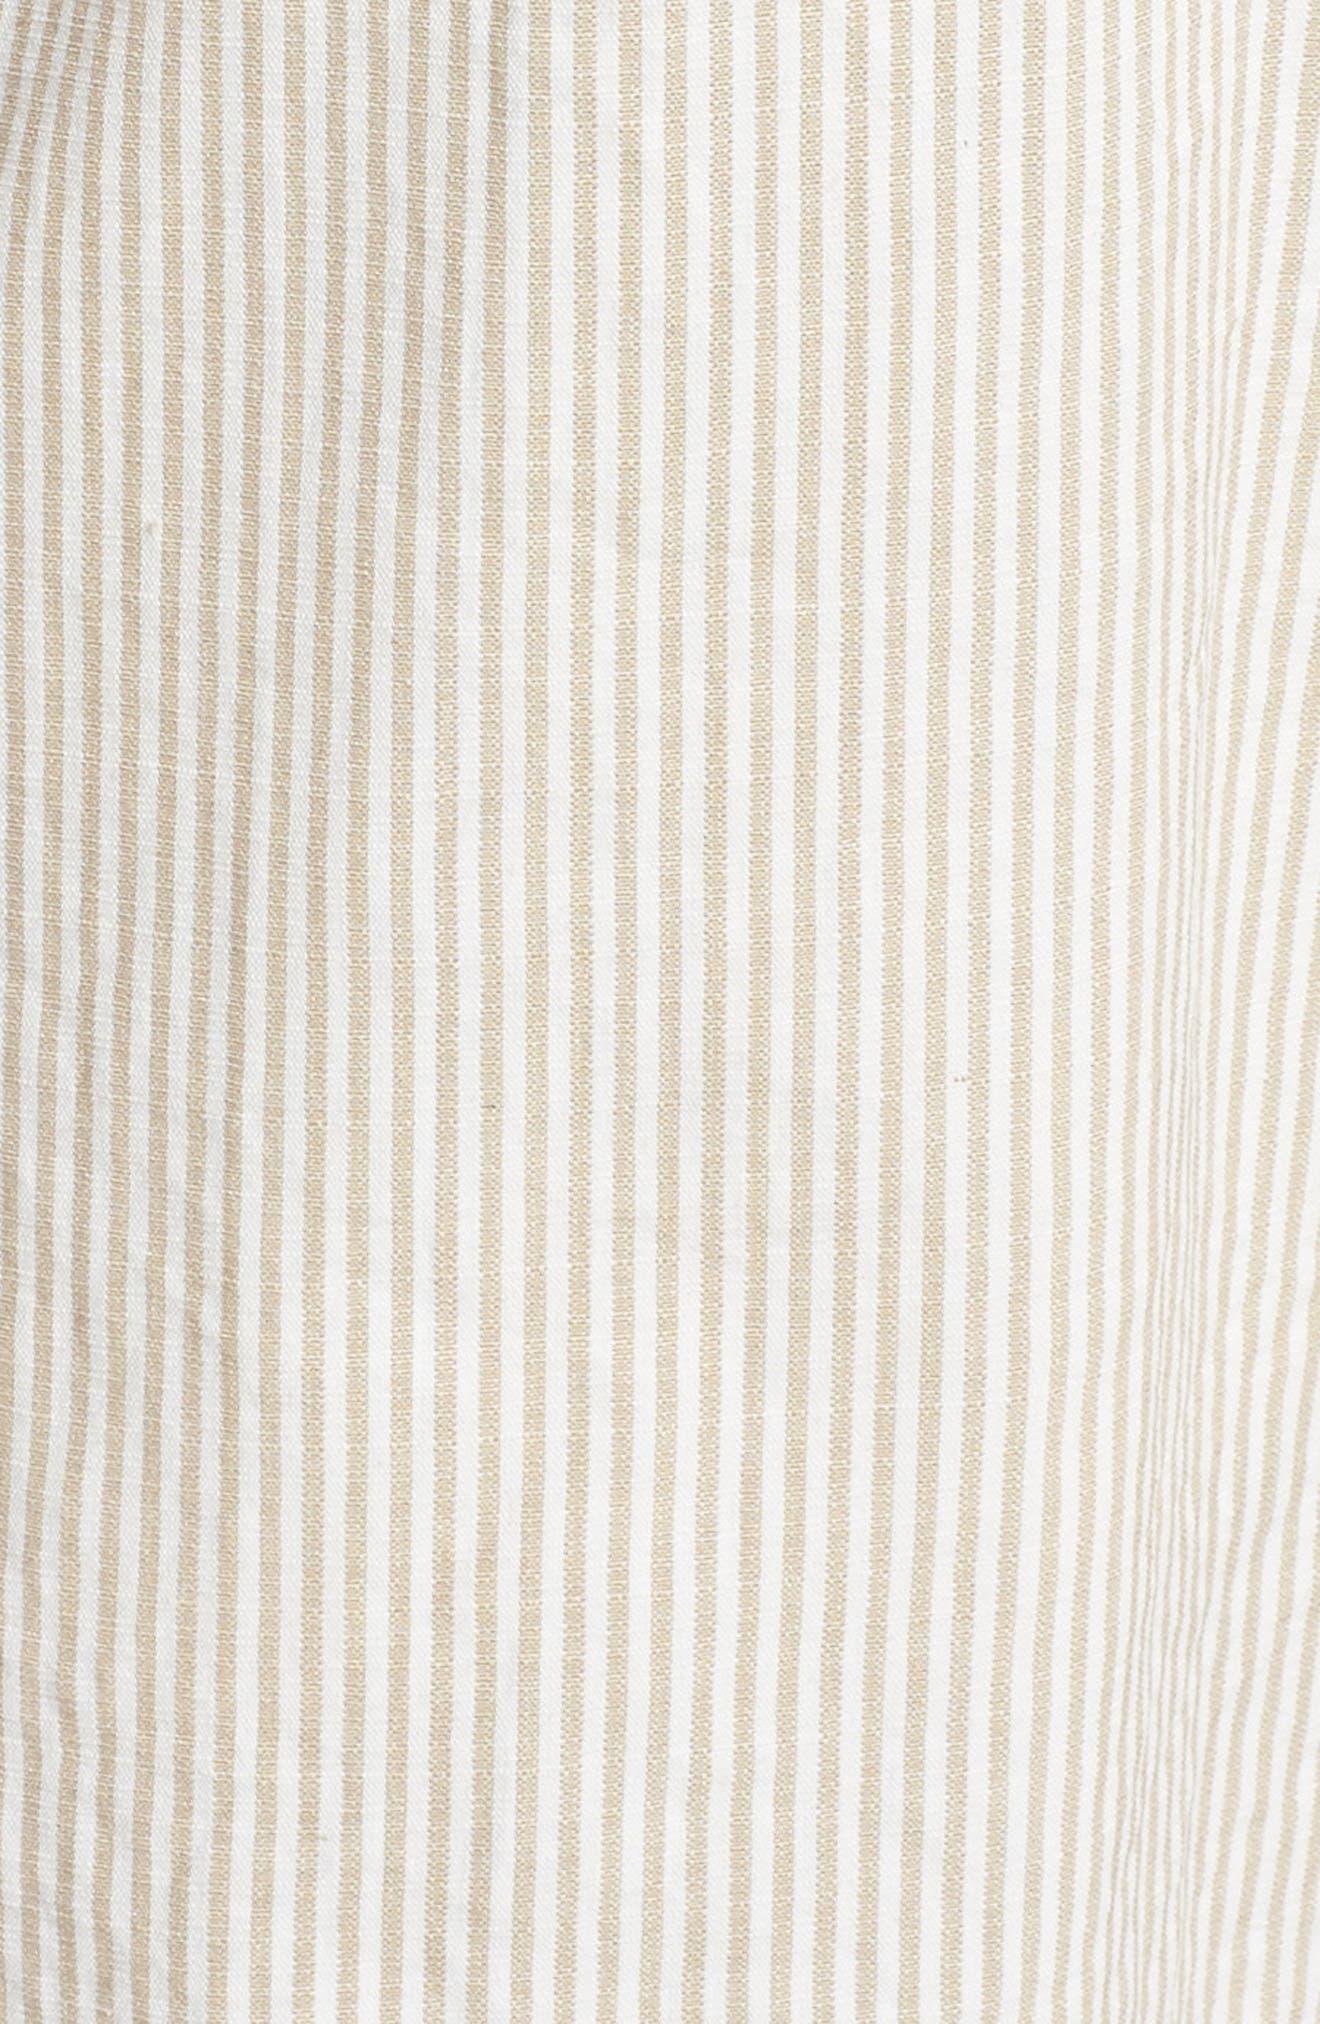 Stripe Ruffle Crop Jumpsuit,                             Alternate thumbnail 6, color,                             150